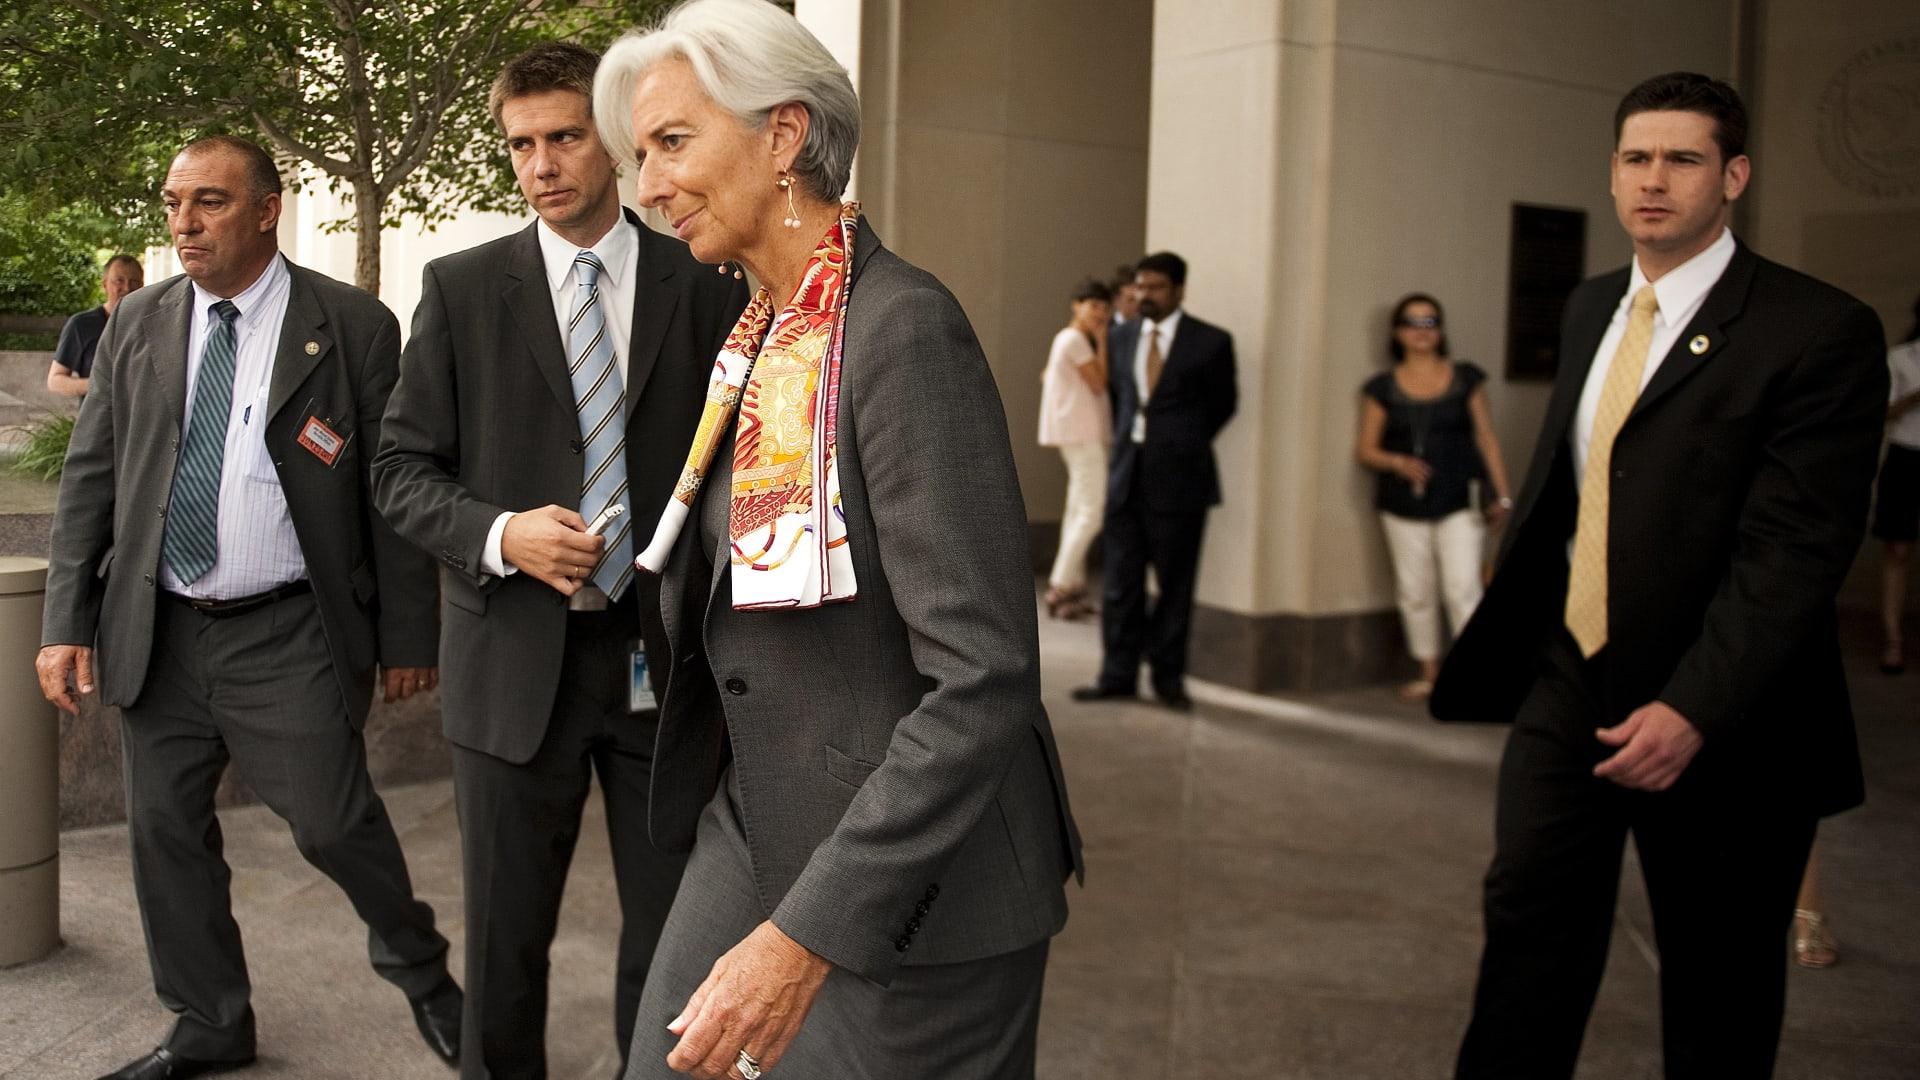 لاغارد تقدم استقالتها كمديرة لصندوق النقد الدولي.. والمجلس التنفيذي يقبلها